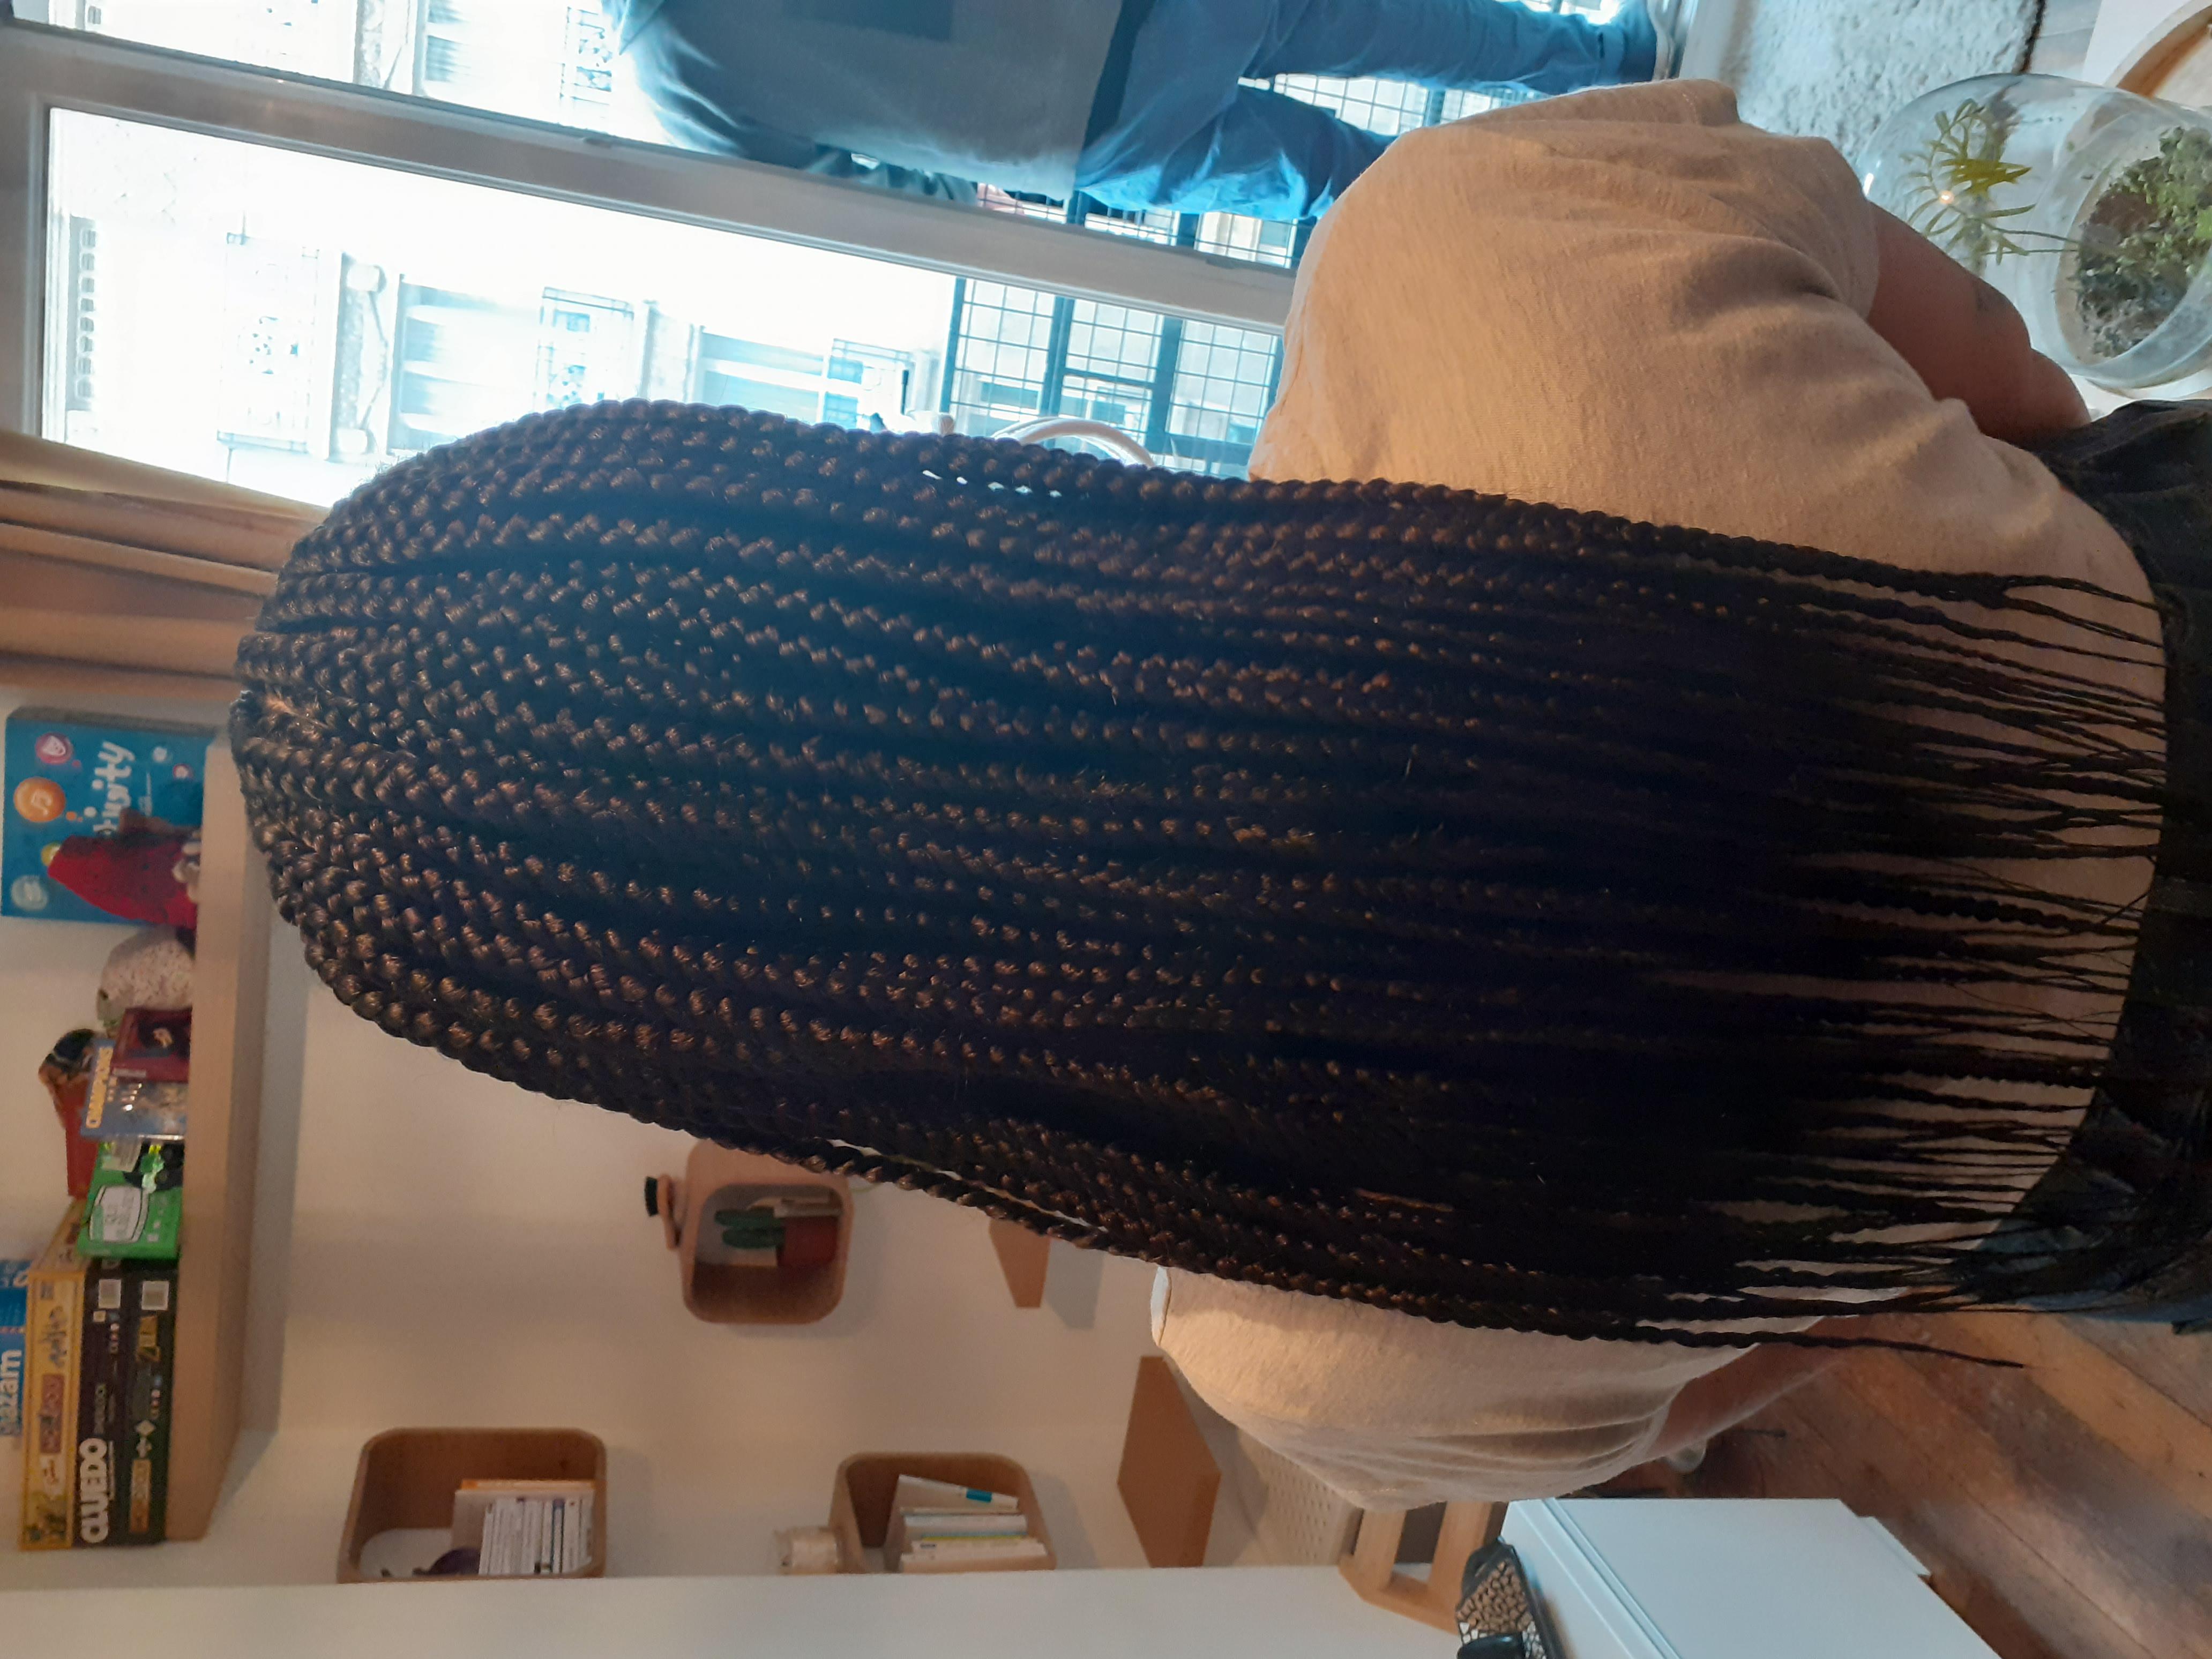 salon de coiffure afro tresse tresses box braids crochet braids vanilles tissages paris 75 77 78 91 92 93 94 95 NZURUTSD